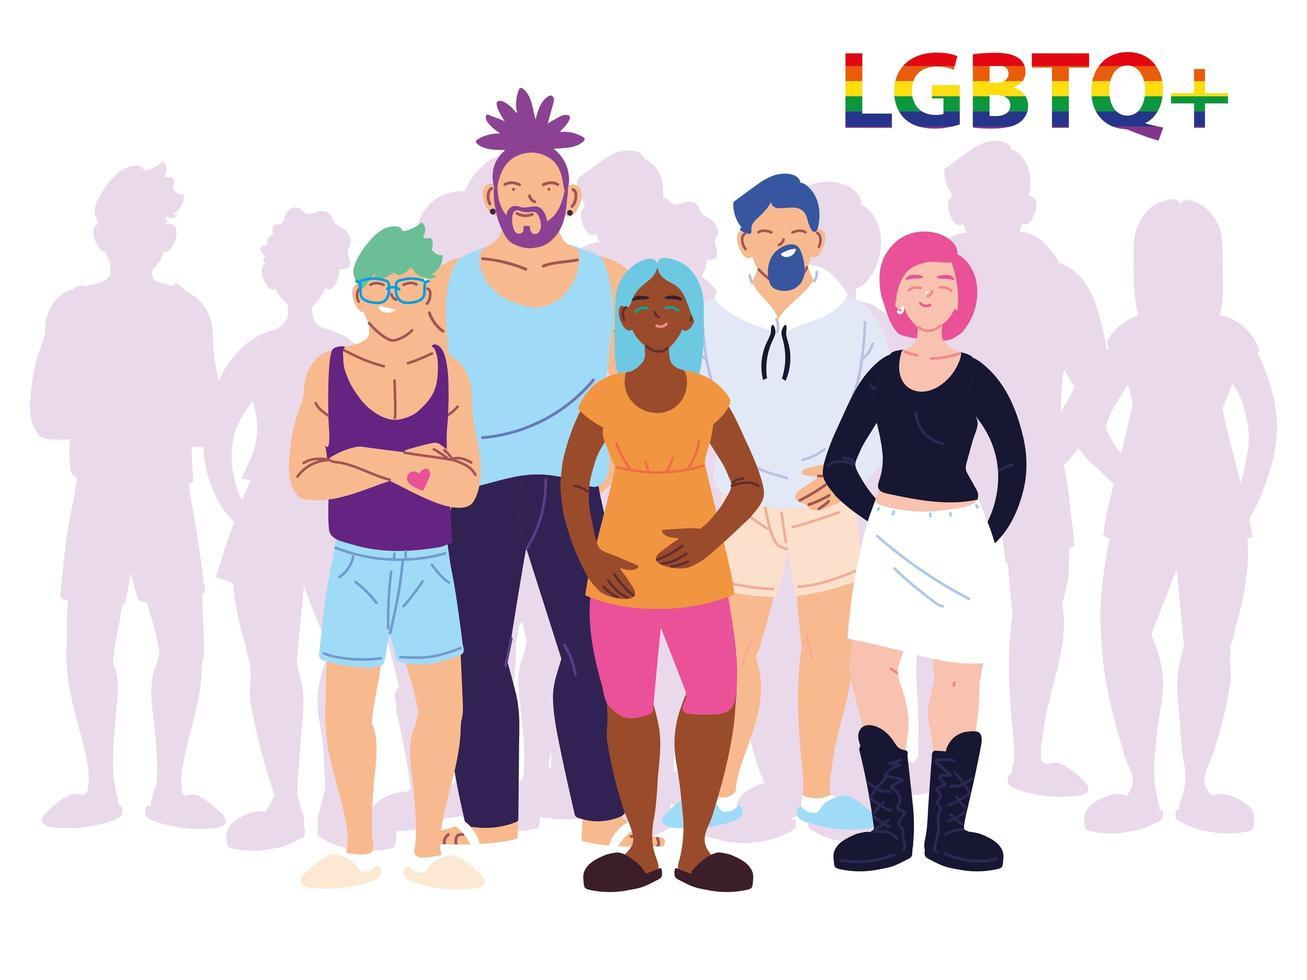 gruppo di persone con il simbolo del gay pride lgbtq vettore